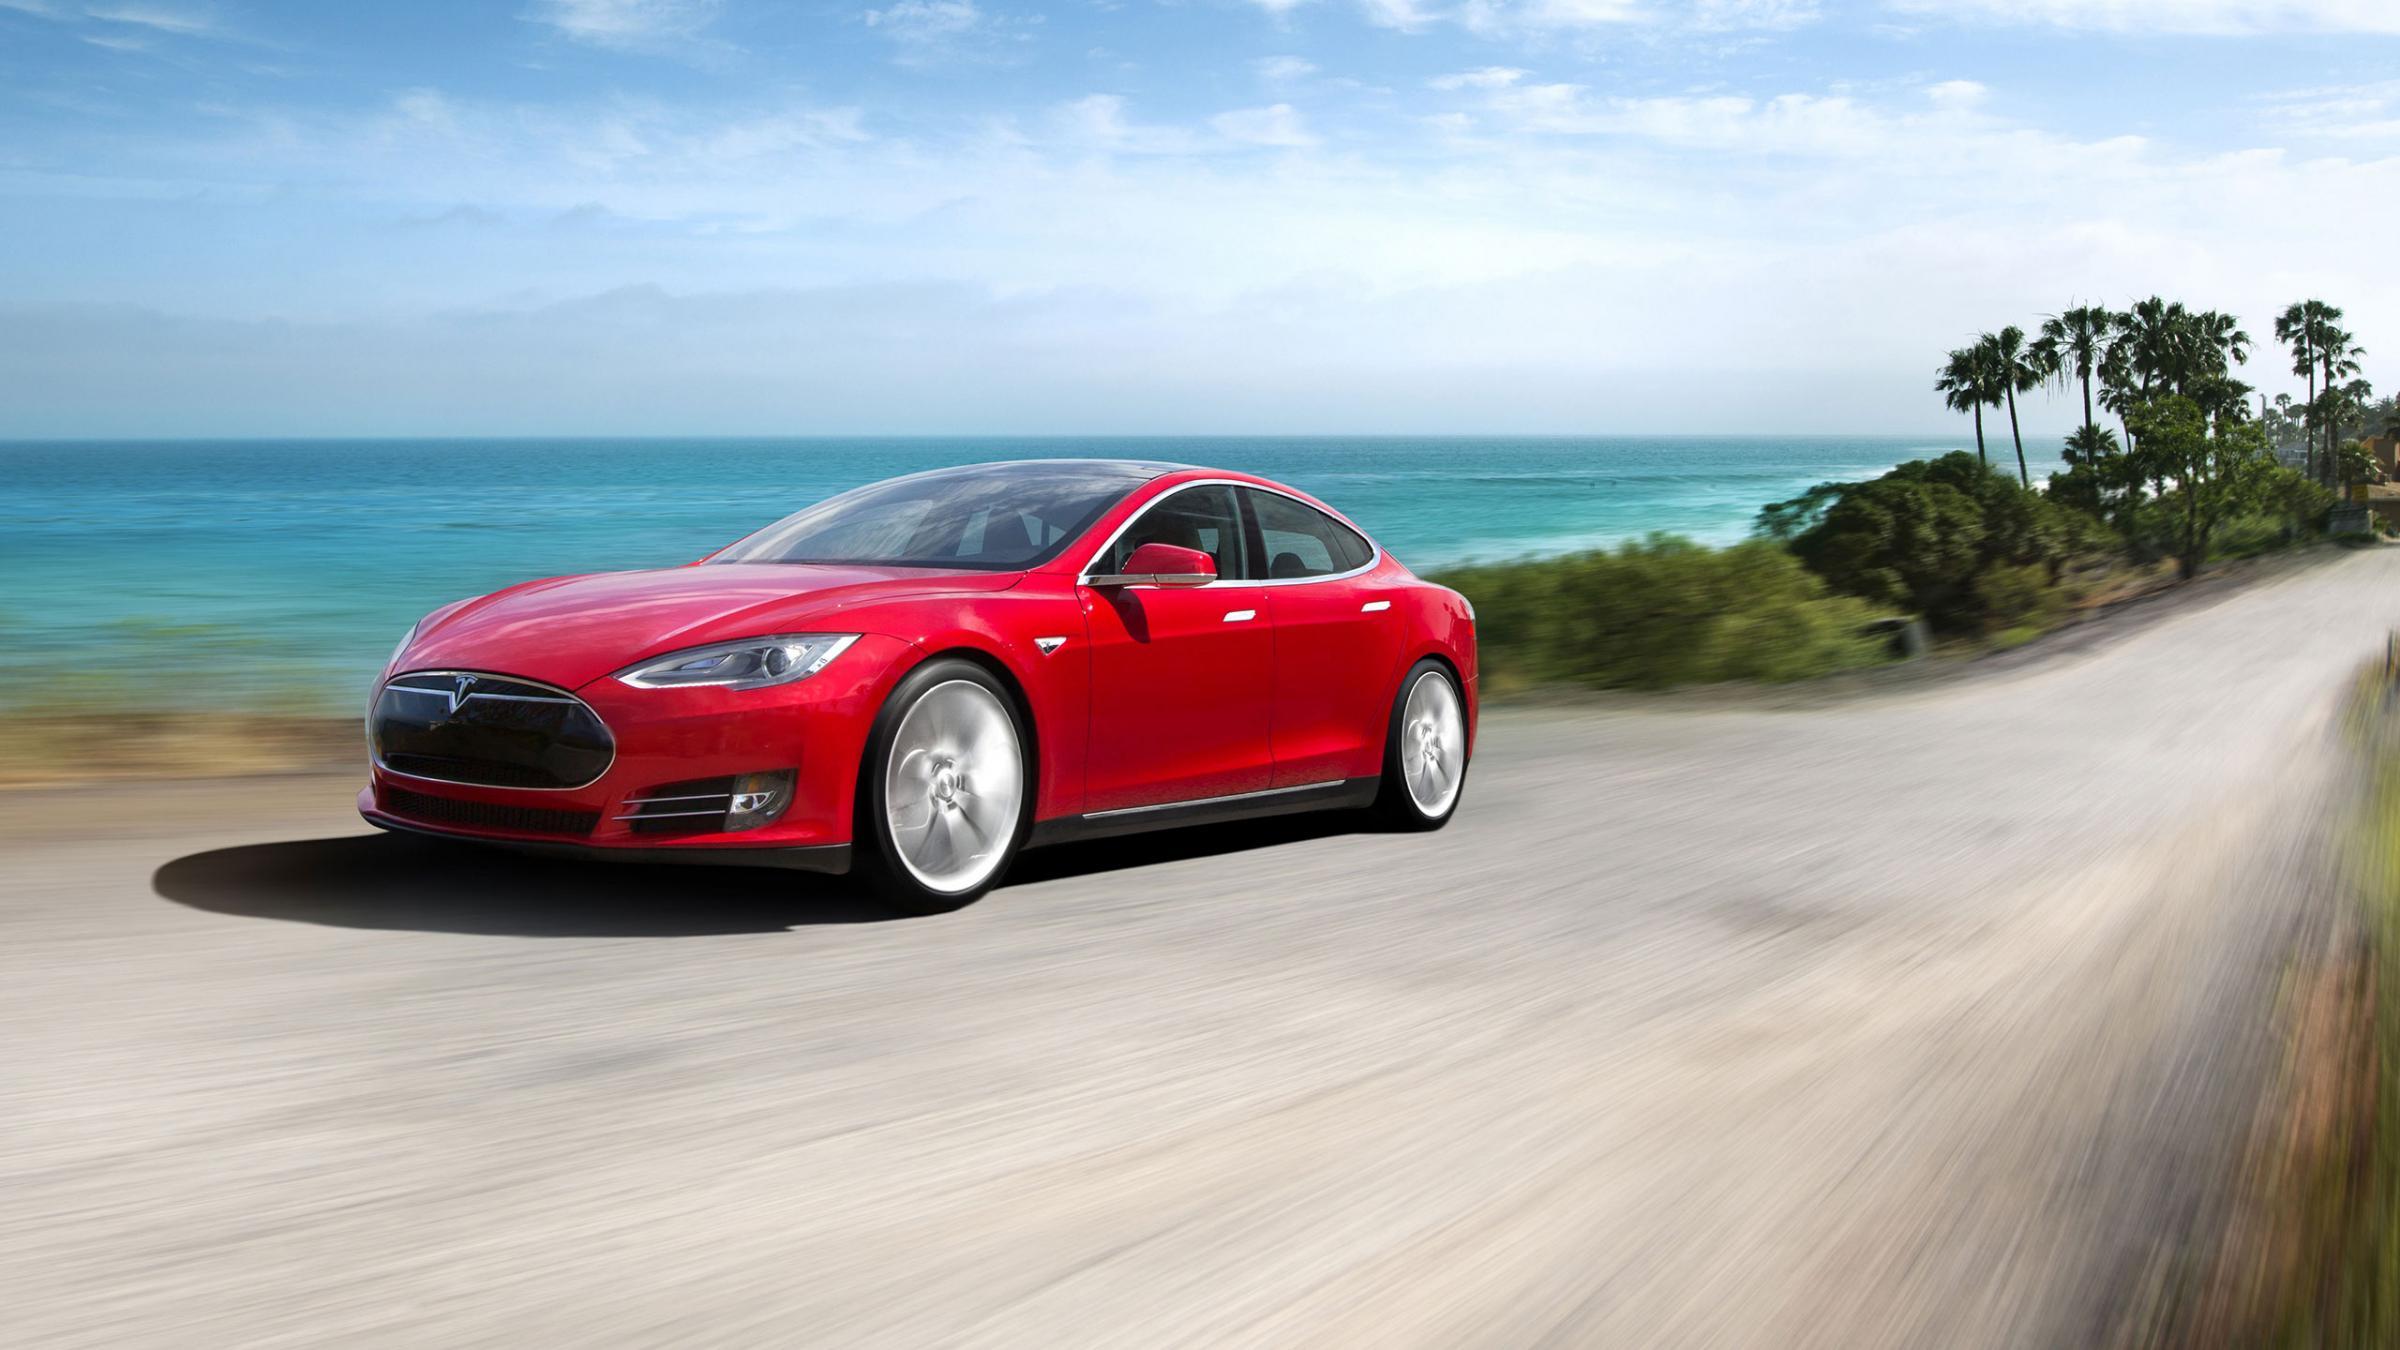 Der Sportwagen Model S erreicht unter günstigen Bedingungen derzeit Reichweiten von 500 Kilometern. Diese sinken aber deutlich bei Kälte oder Hitze.